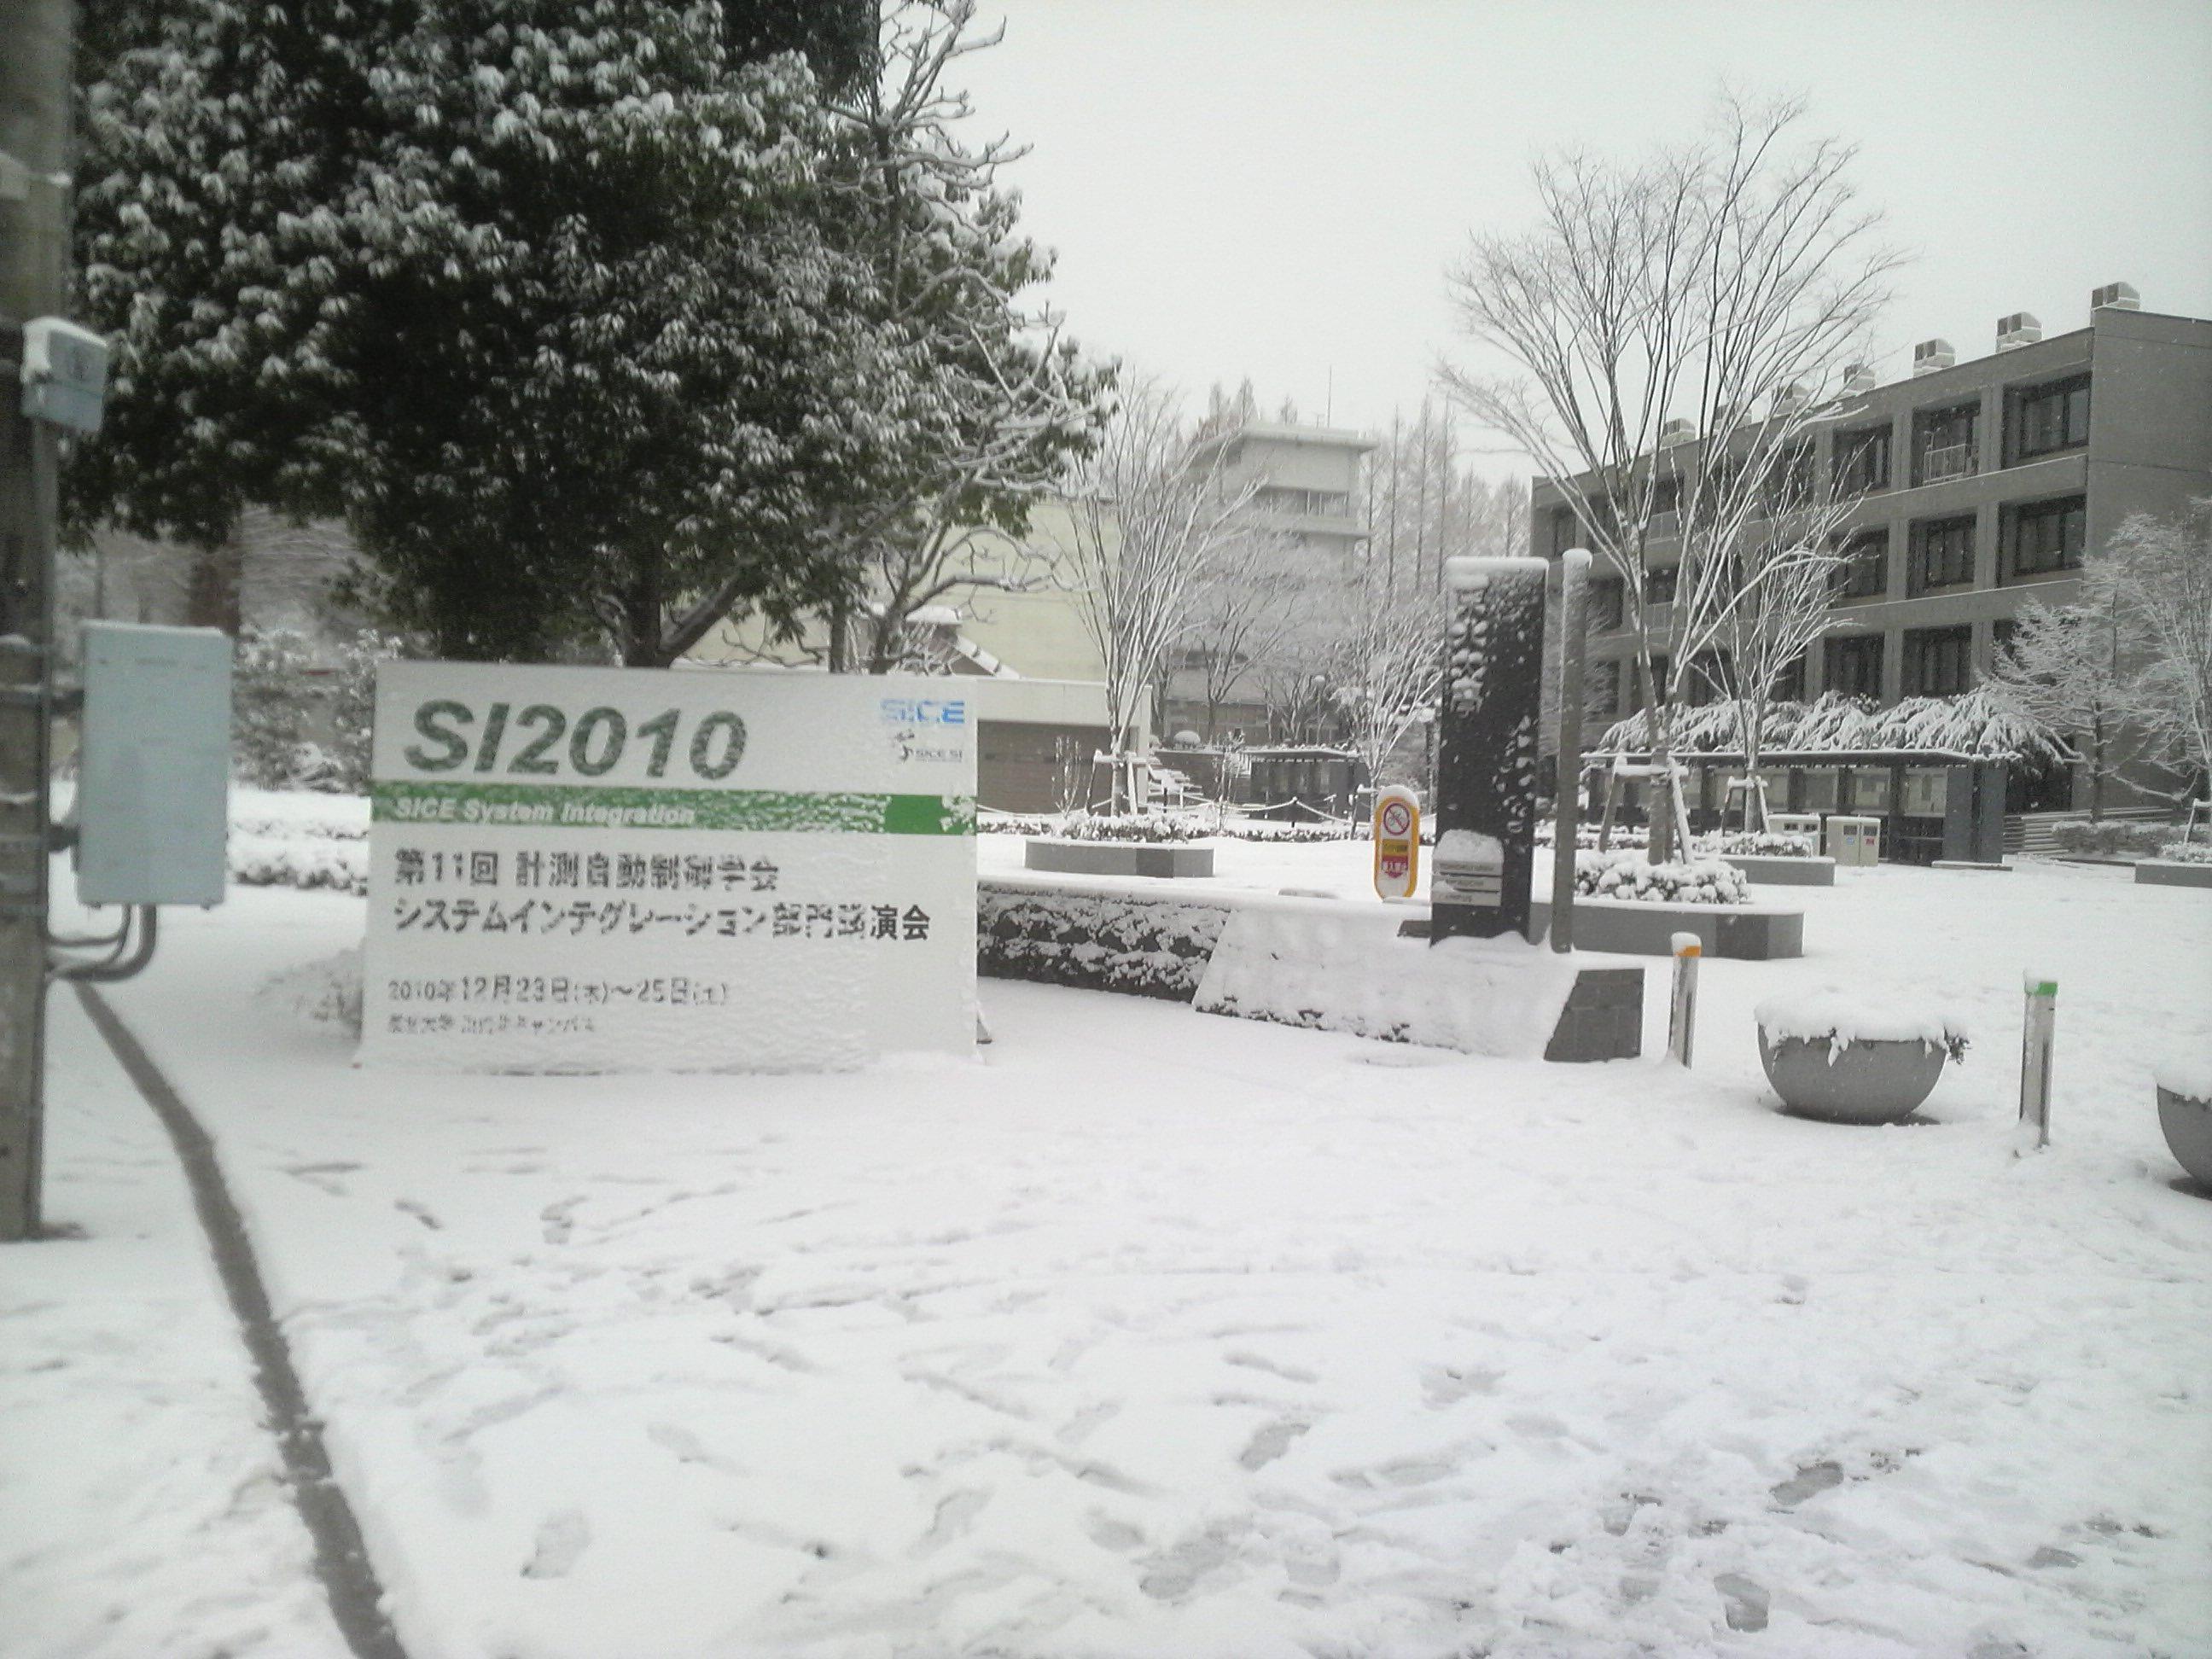 ホワイトクリスマスの学会会場